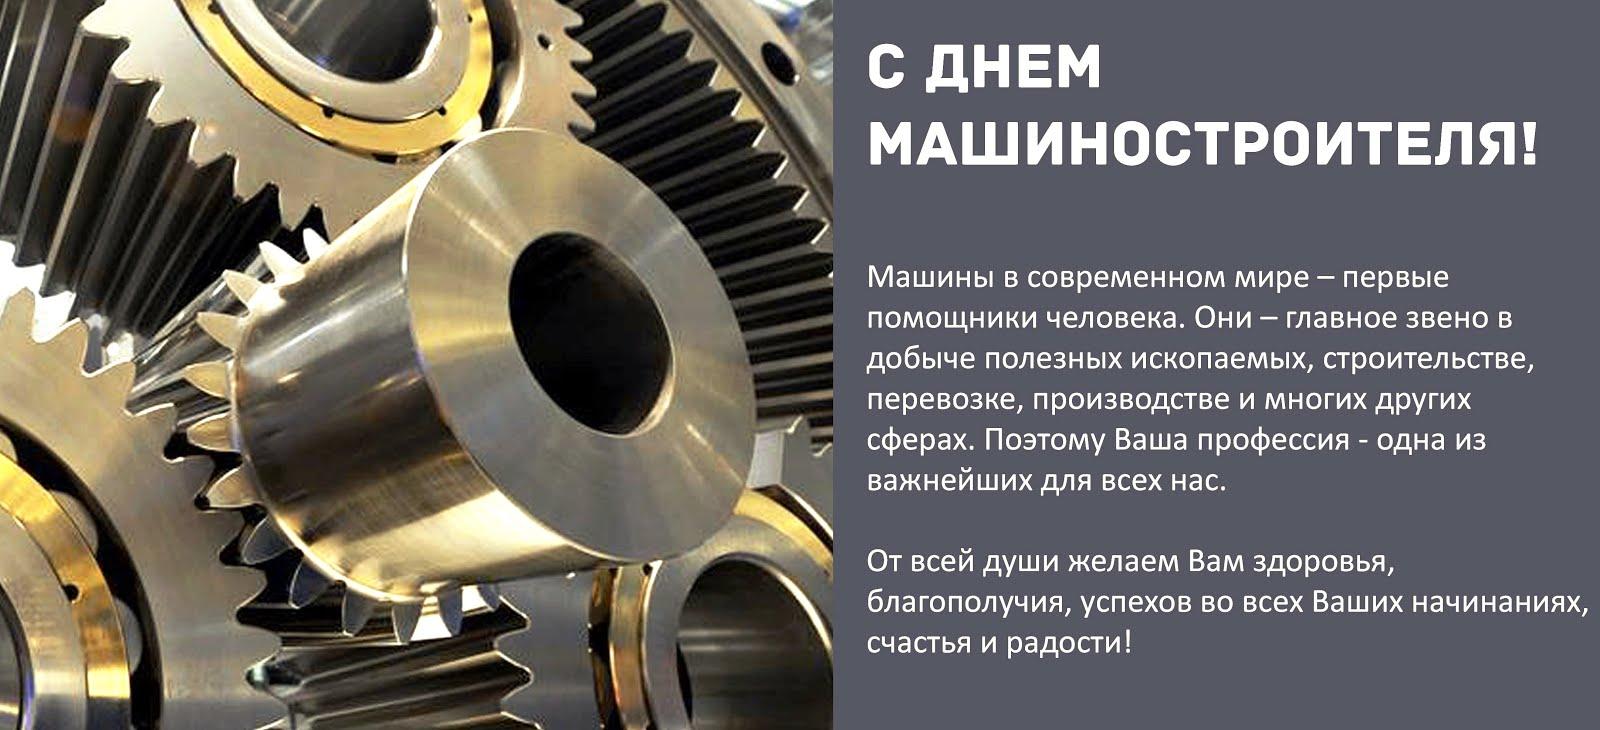 Праздник 24 сентября 2018 года День машиностроителя, празднуется в последнее воскресенье сентября